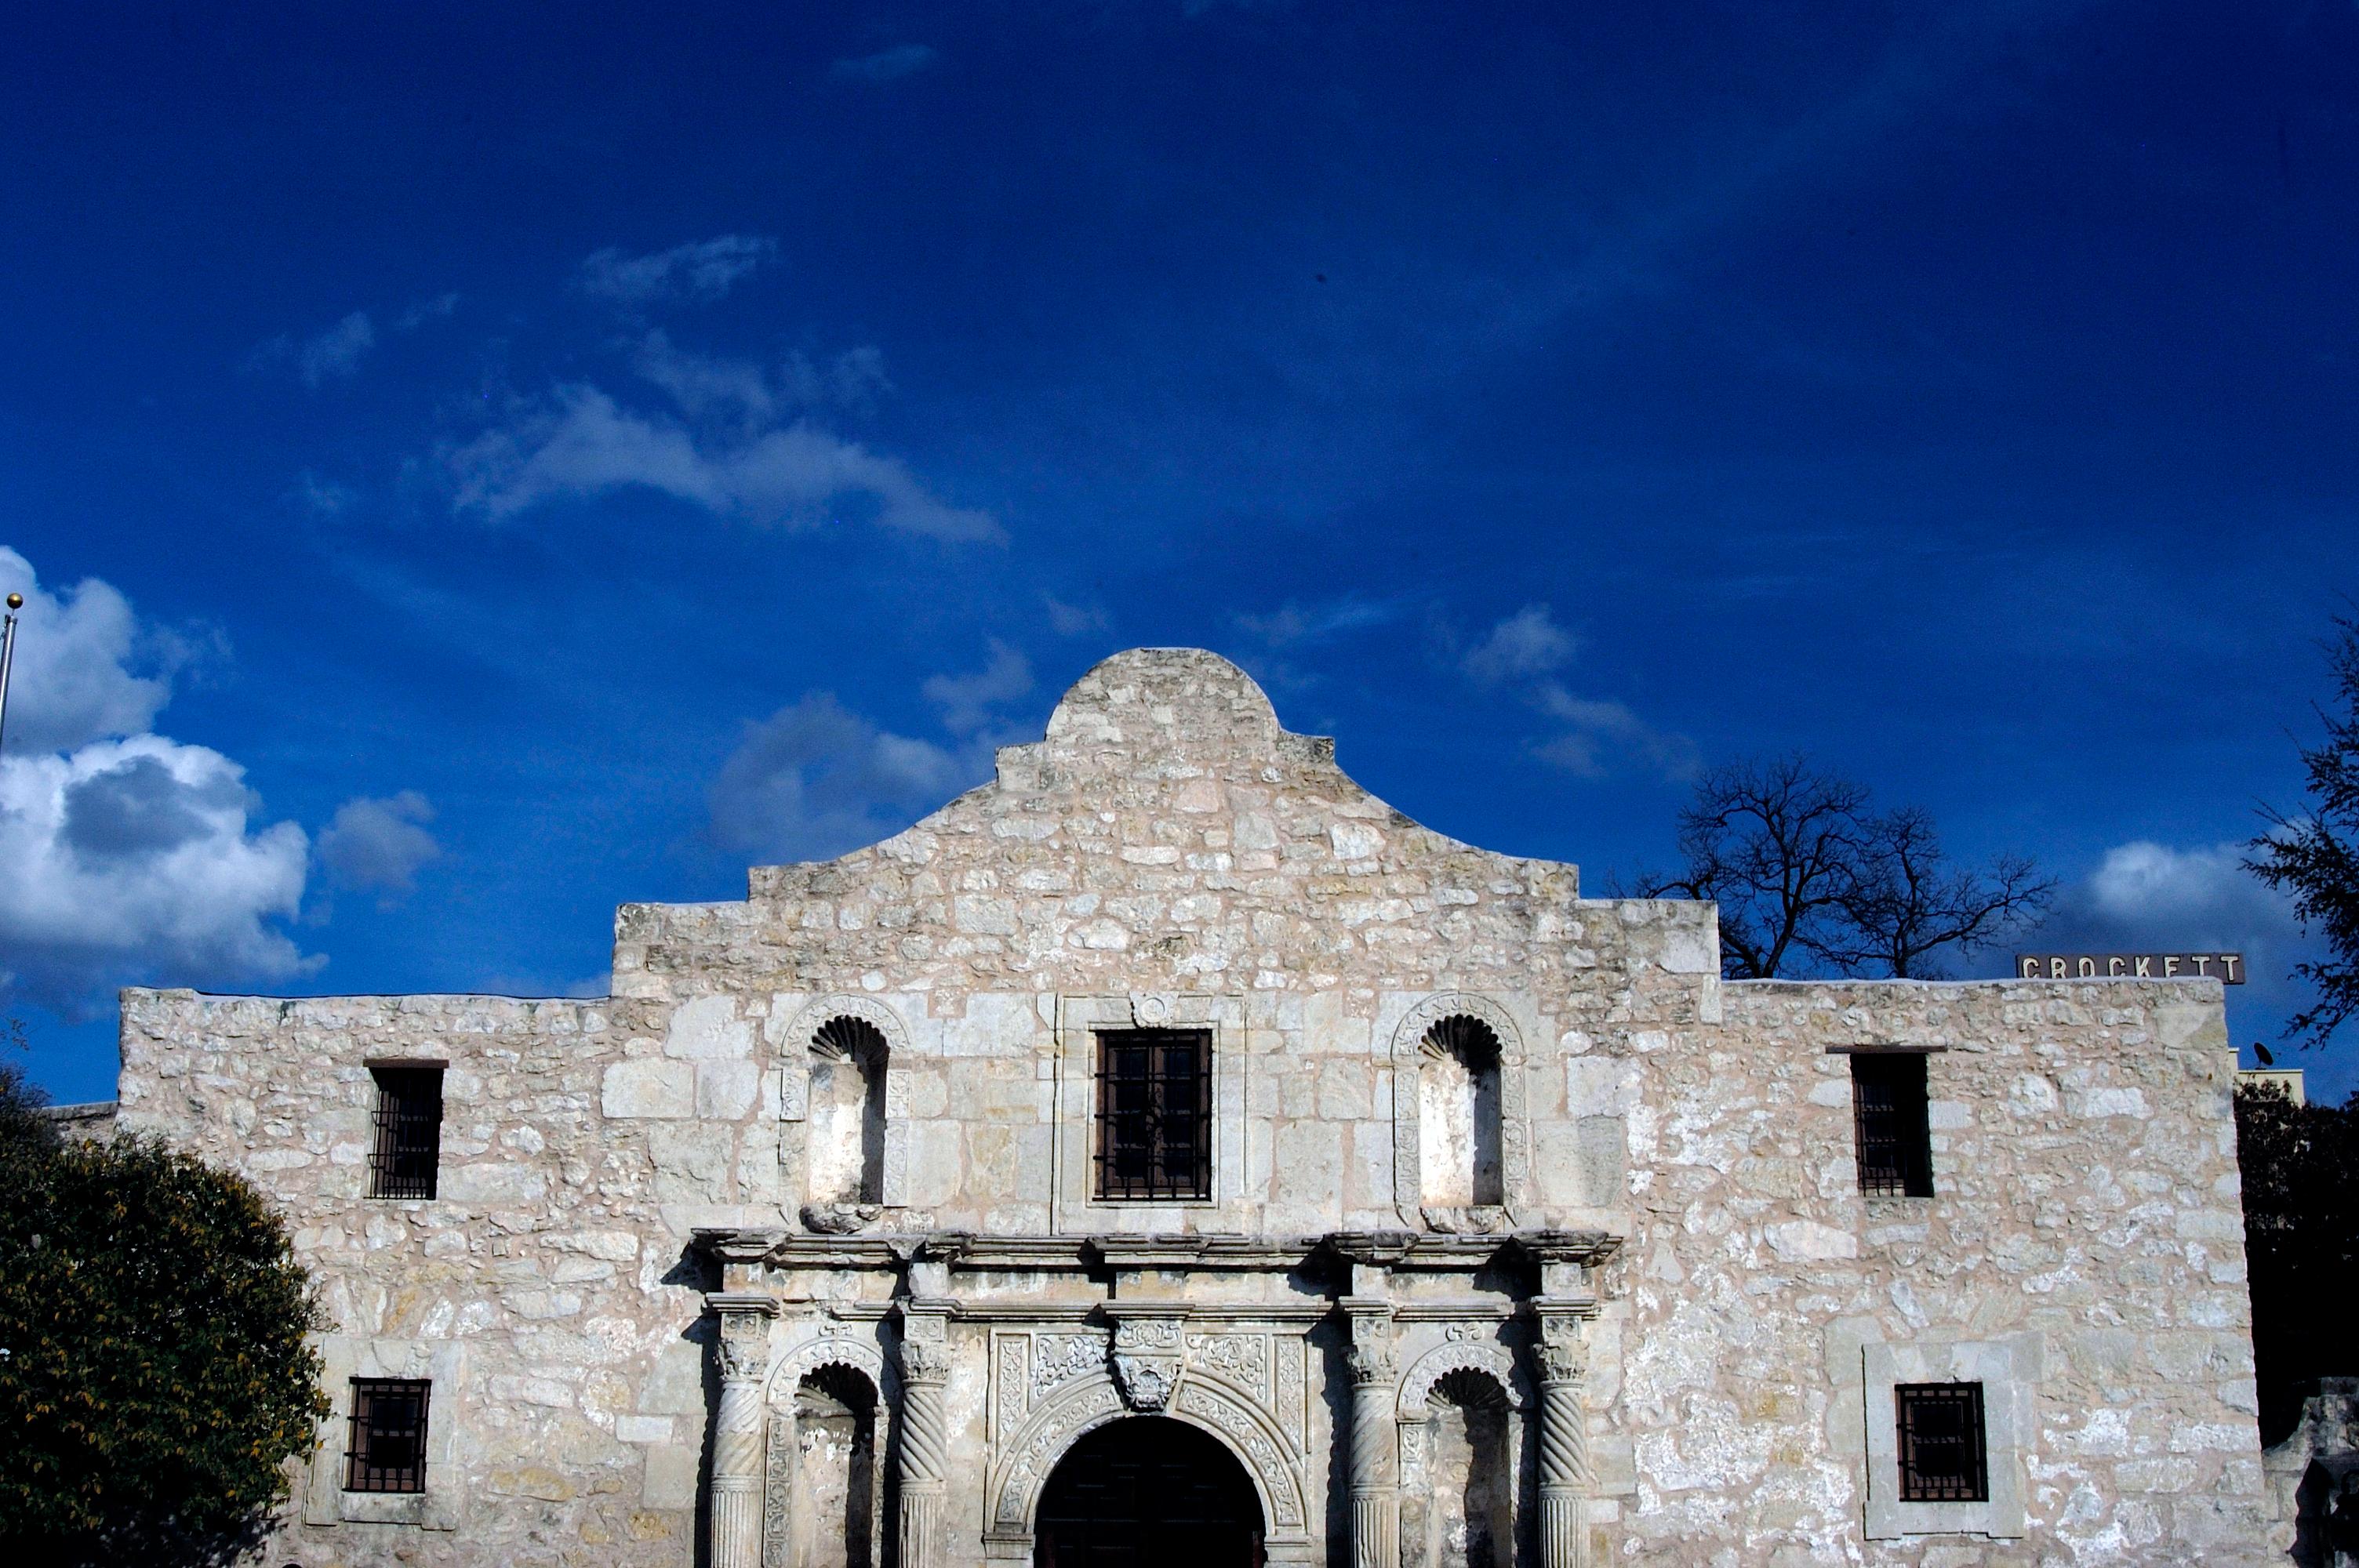 File:Alamo.